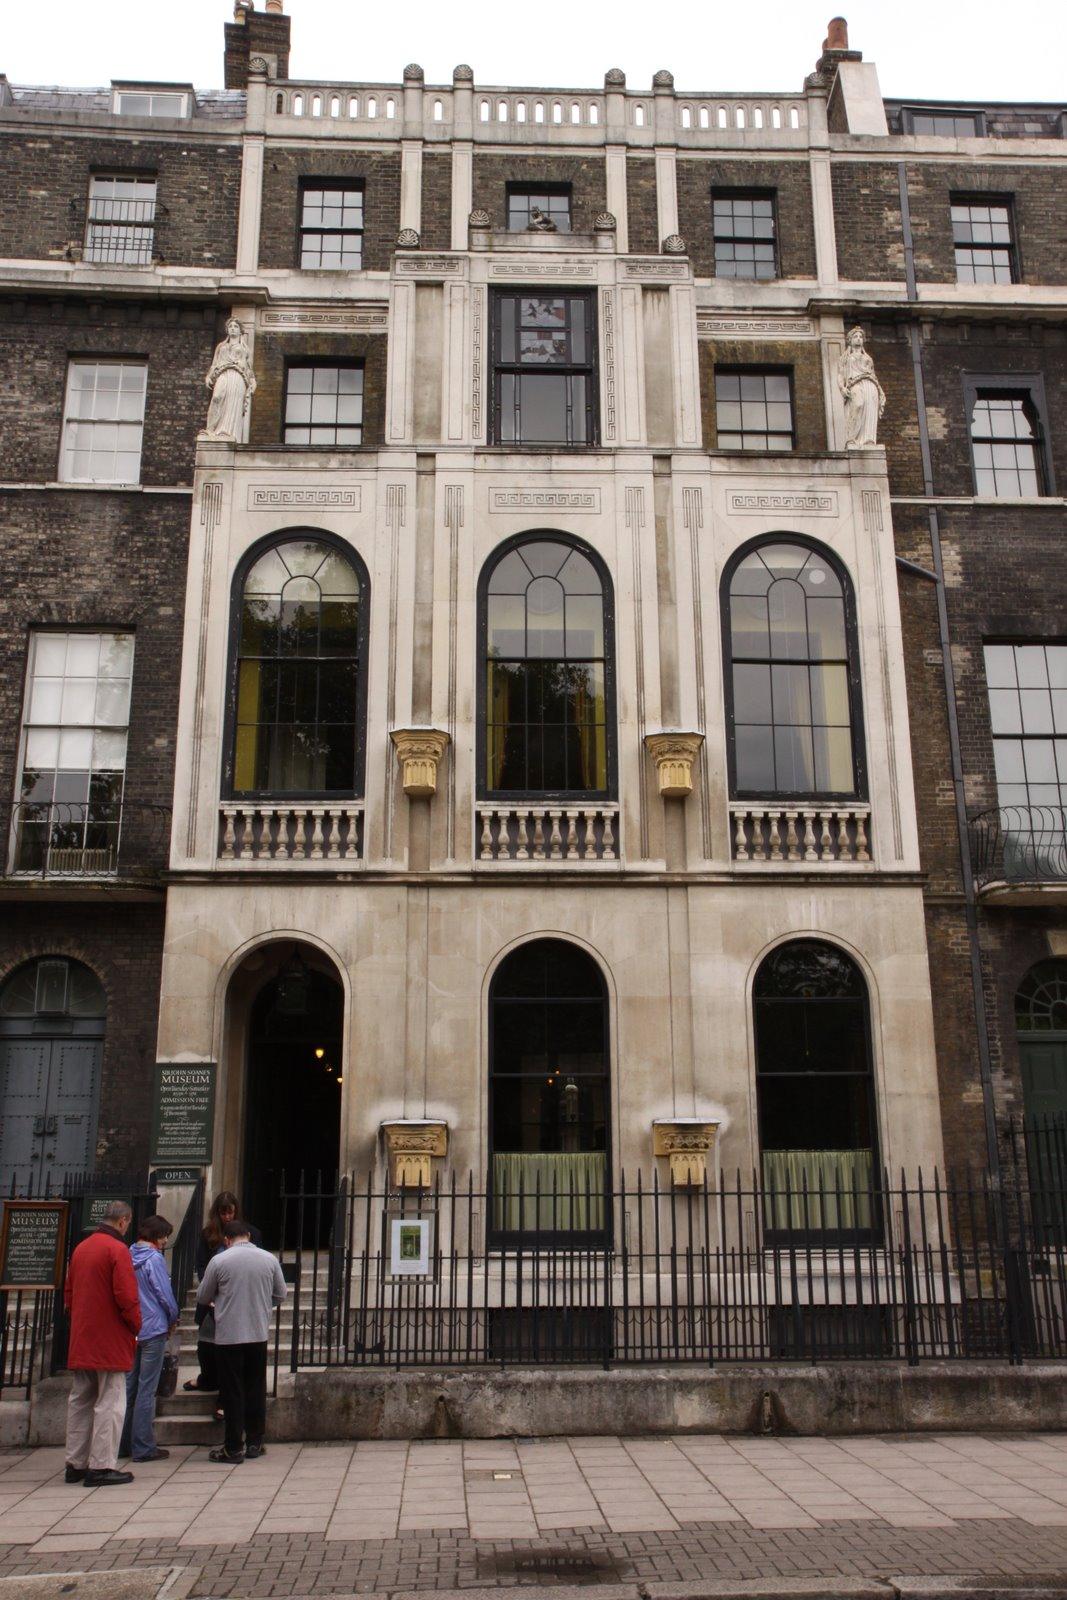 Музей Джона Соуна в Лондоне